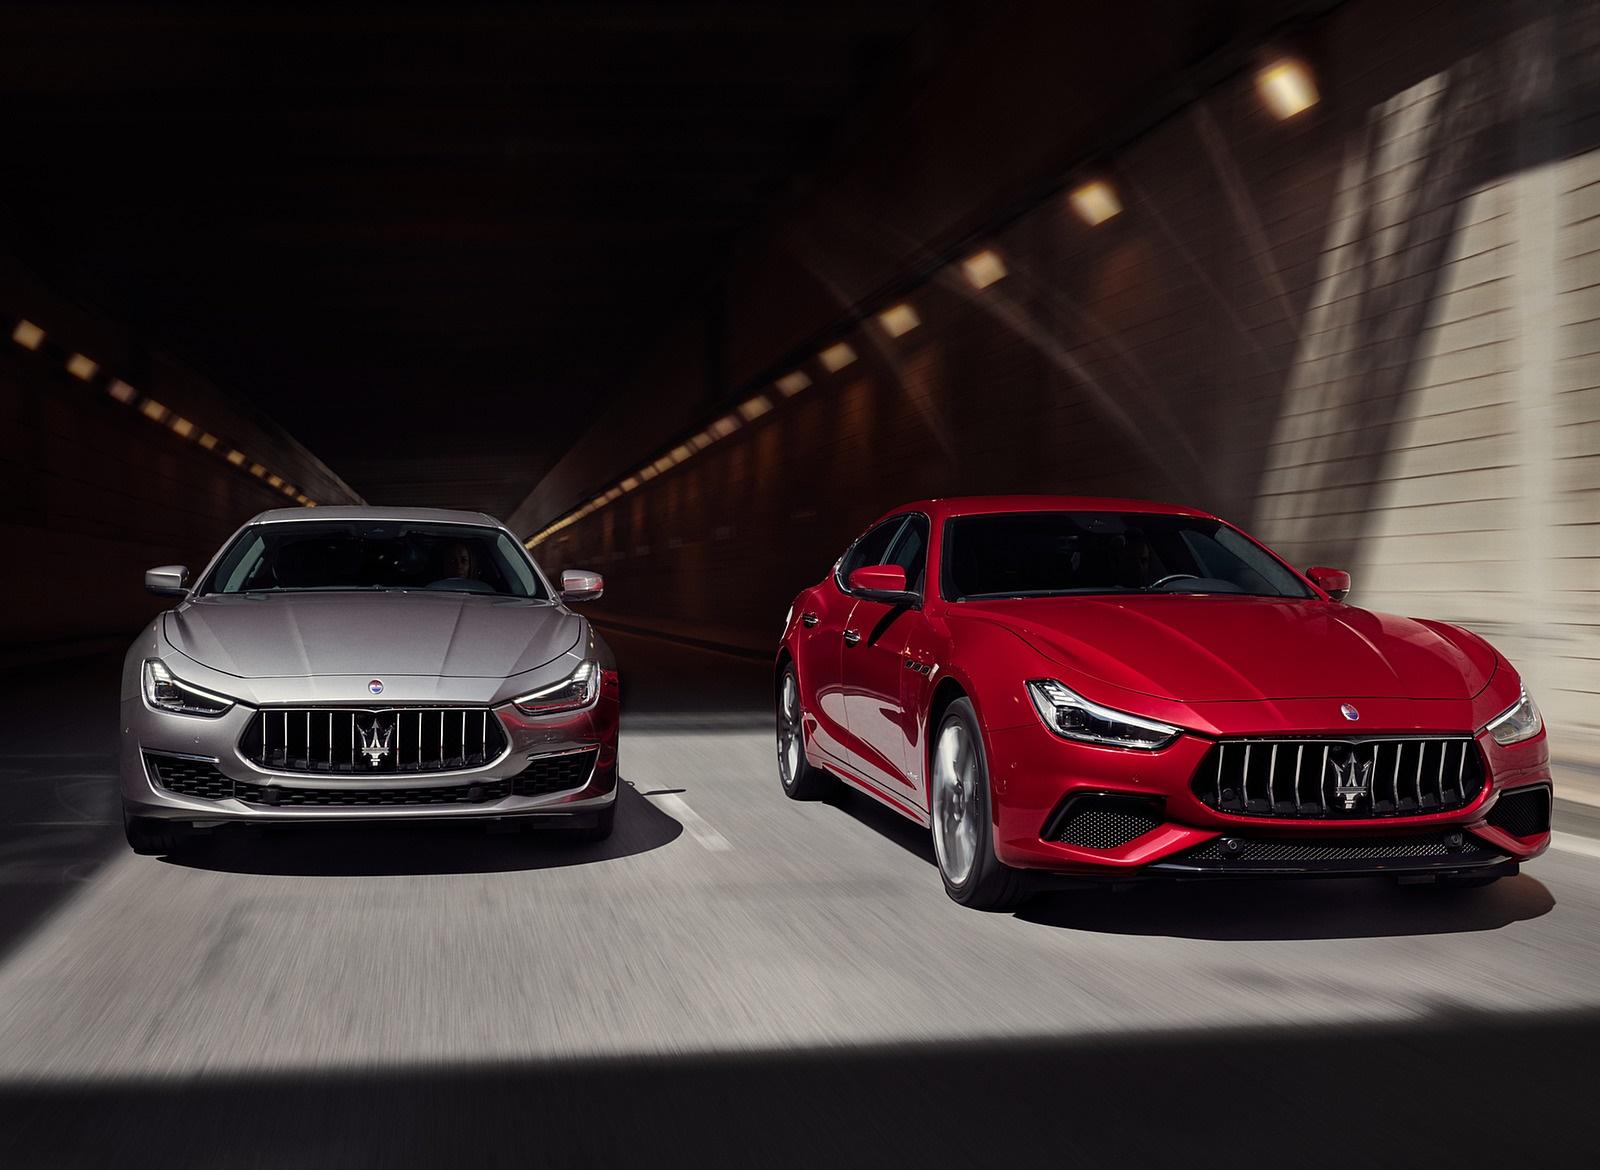 2019 Maserati Ghibli SQ4 GranSport and GranLusso Wallpapers (2)